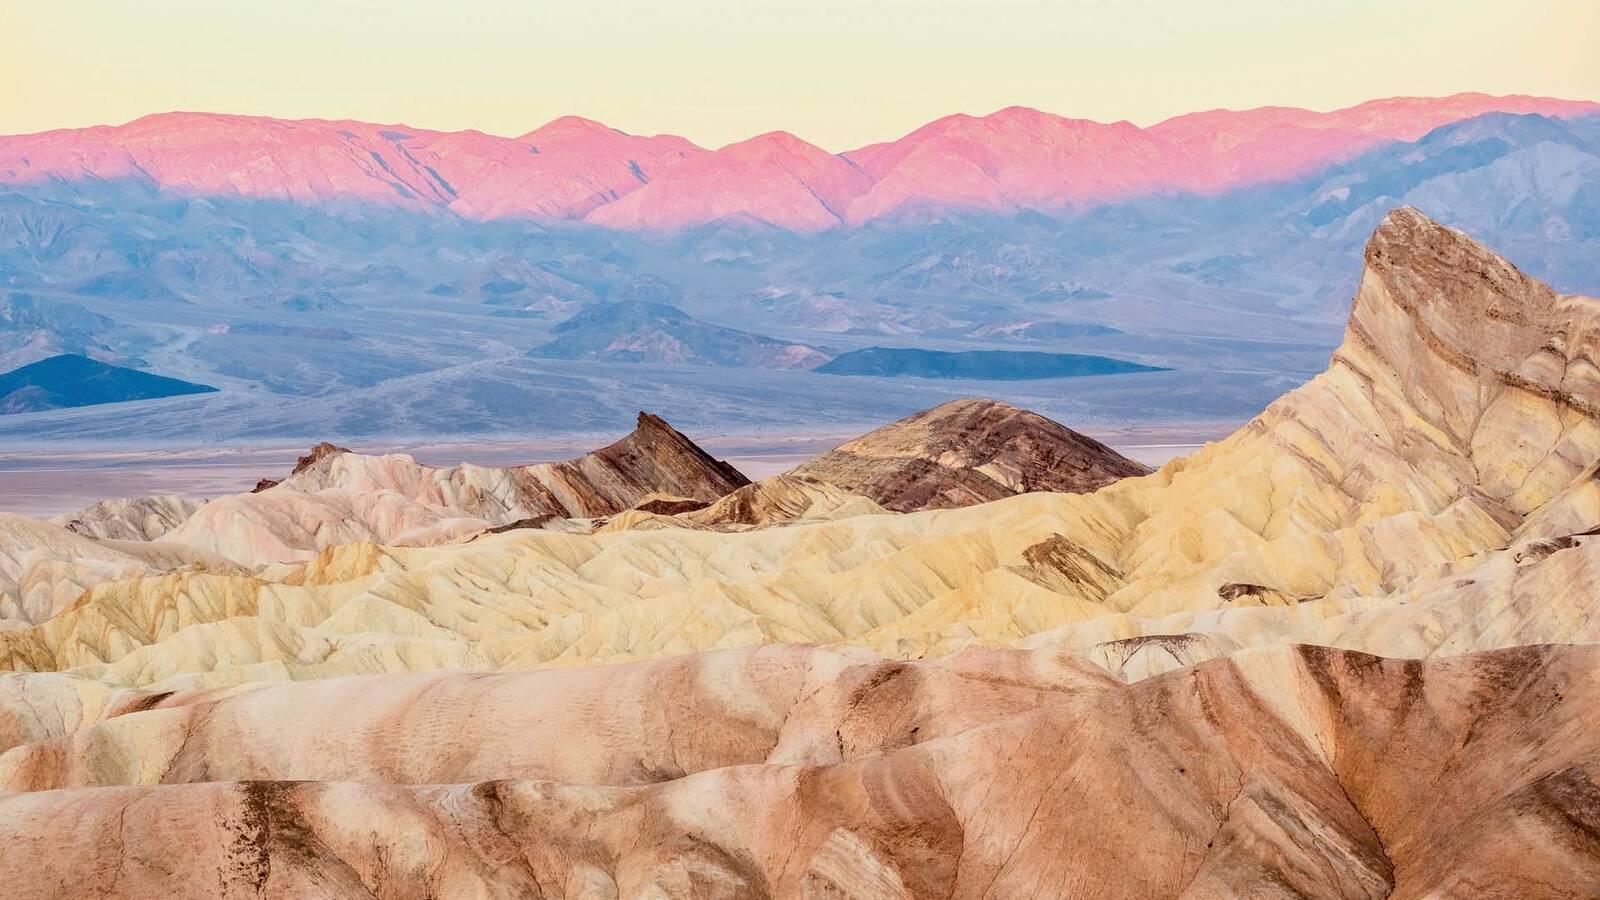 Death Valley haveseen